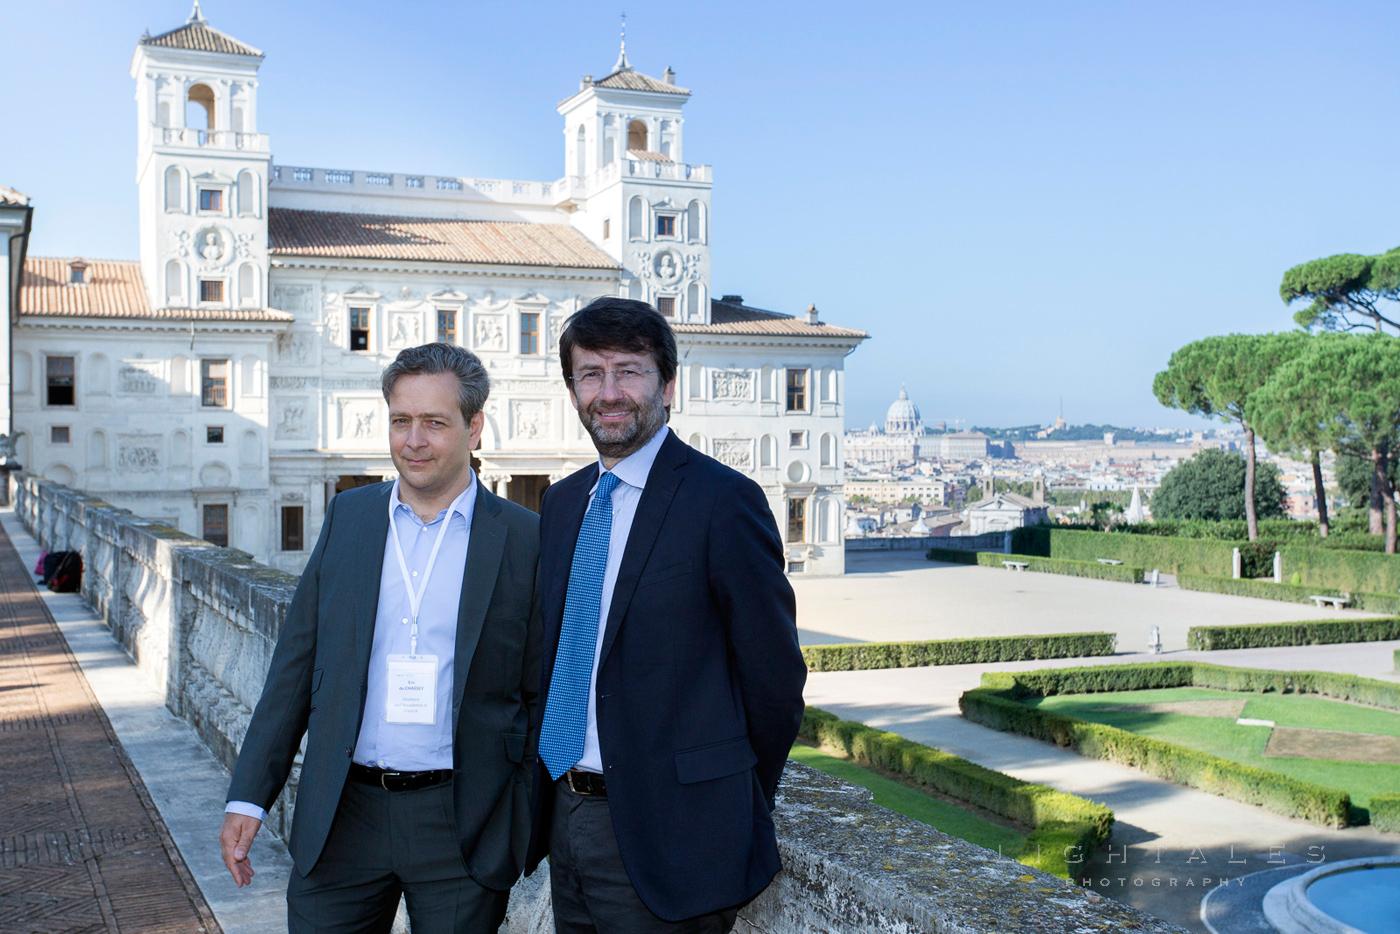 politica-ministro-beni-culturali-dario-franceschini-villa-medici-roma